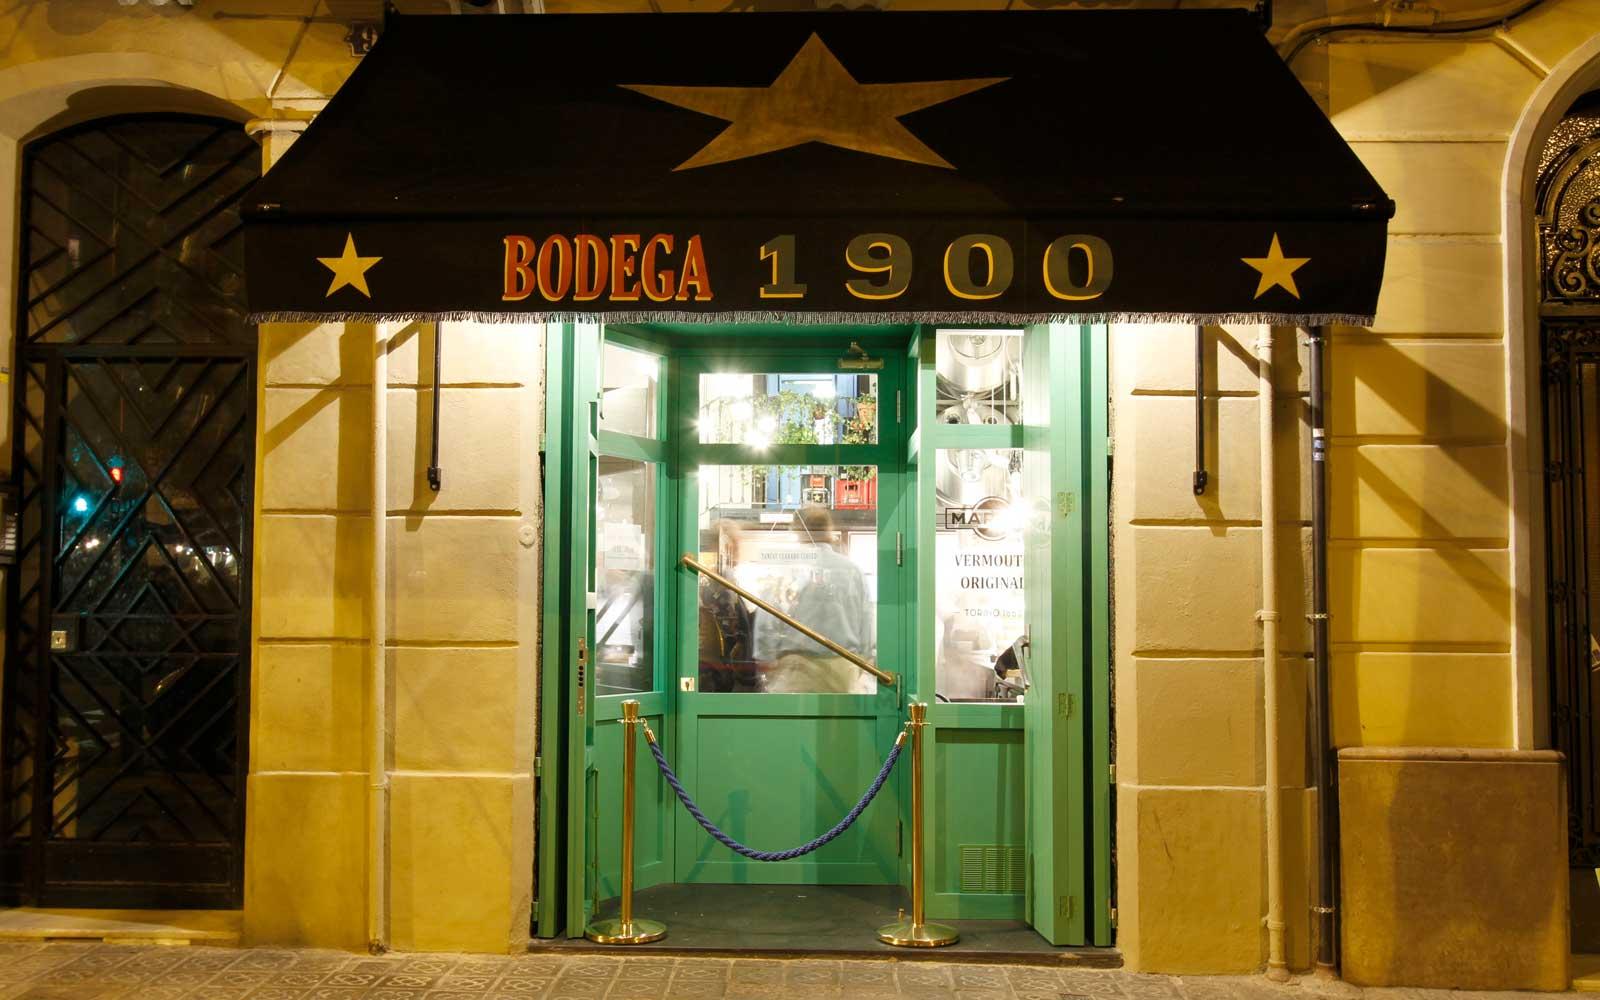 Bodega 1900 Vermouth in Barcelona